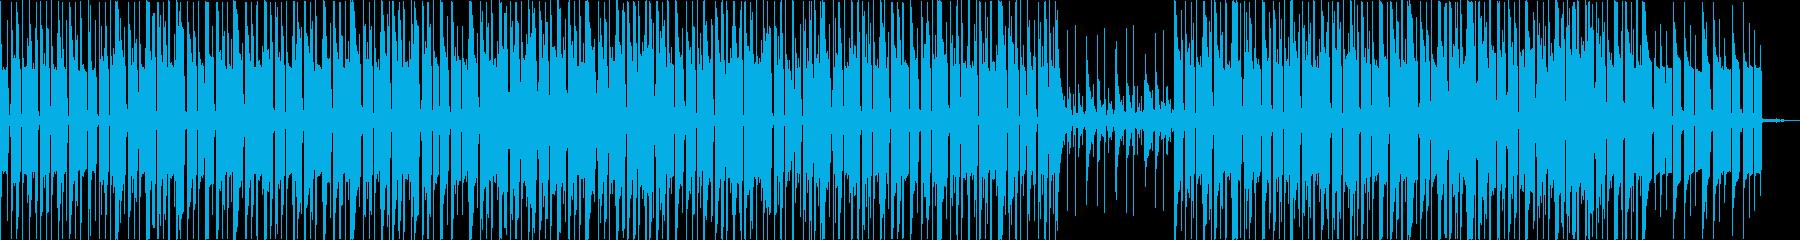 アダルトなムードのアシッドジャズの再生済みの波形